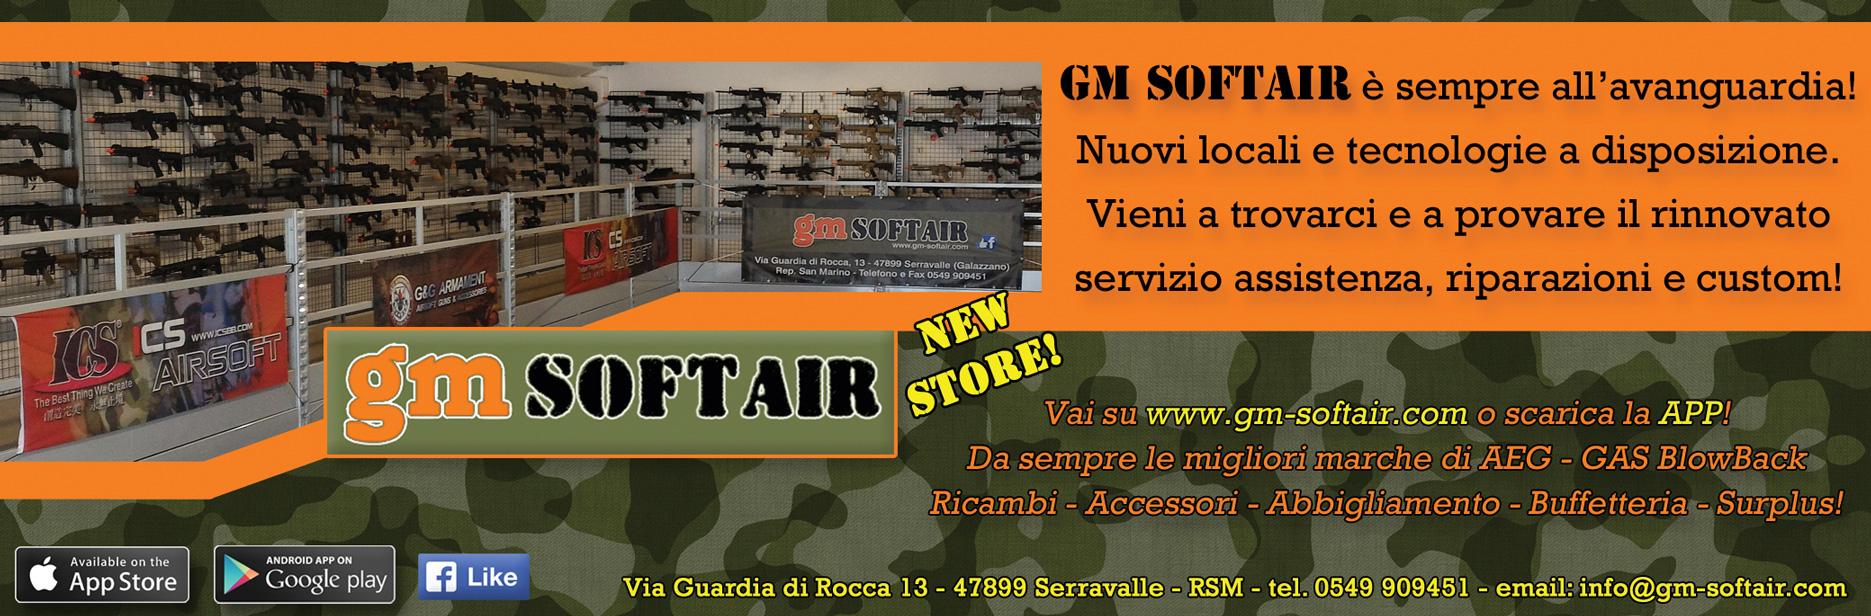 gm-softair-banner